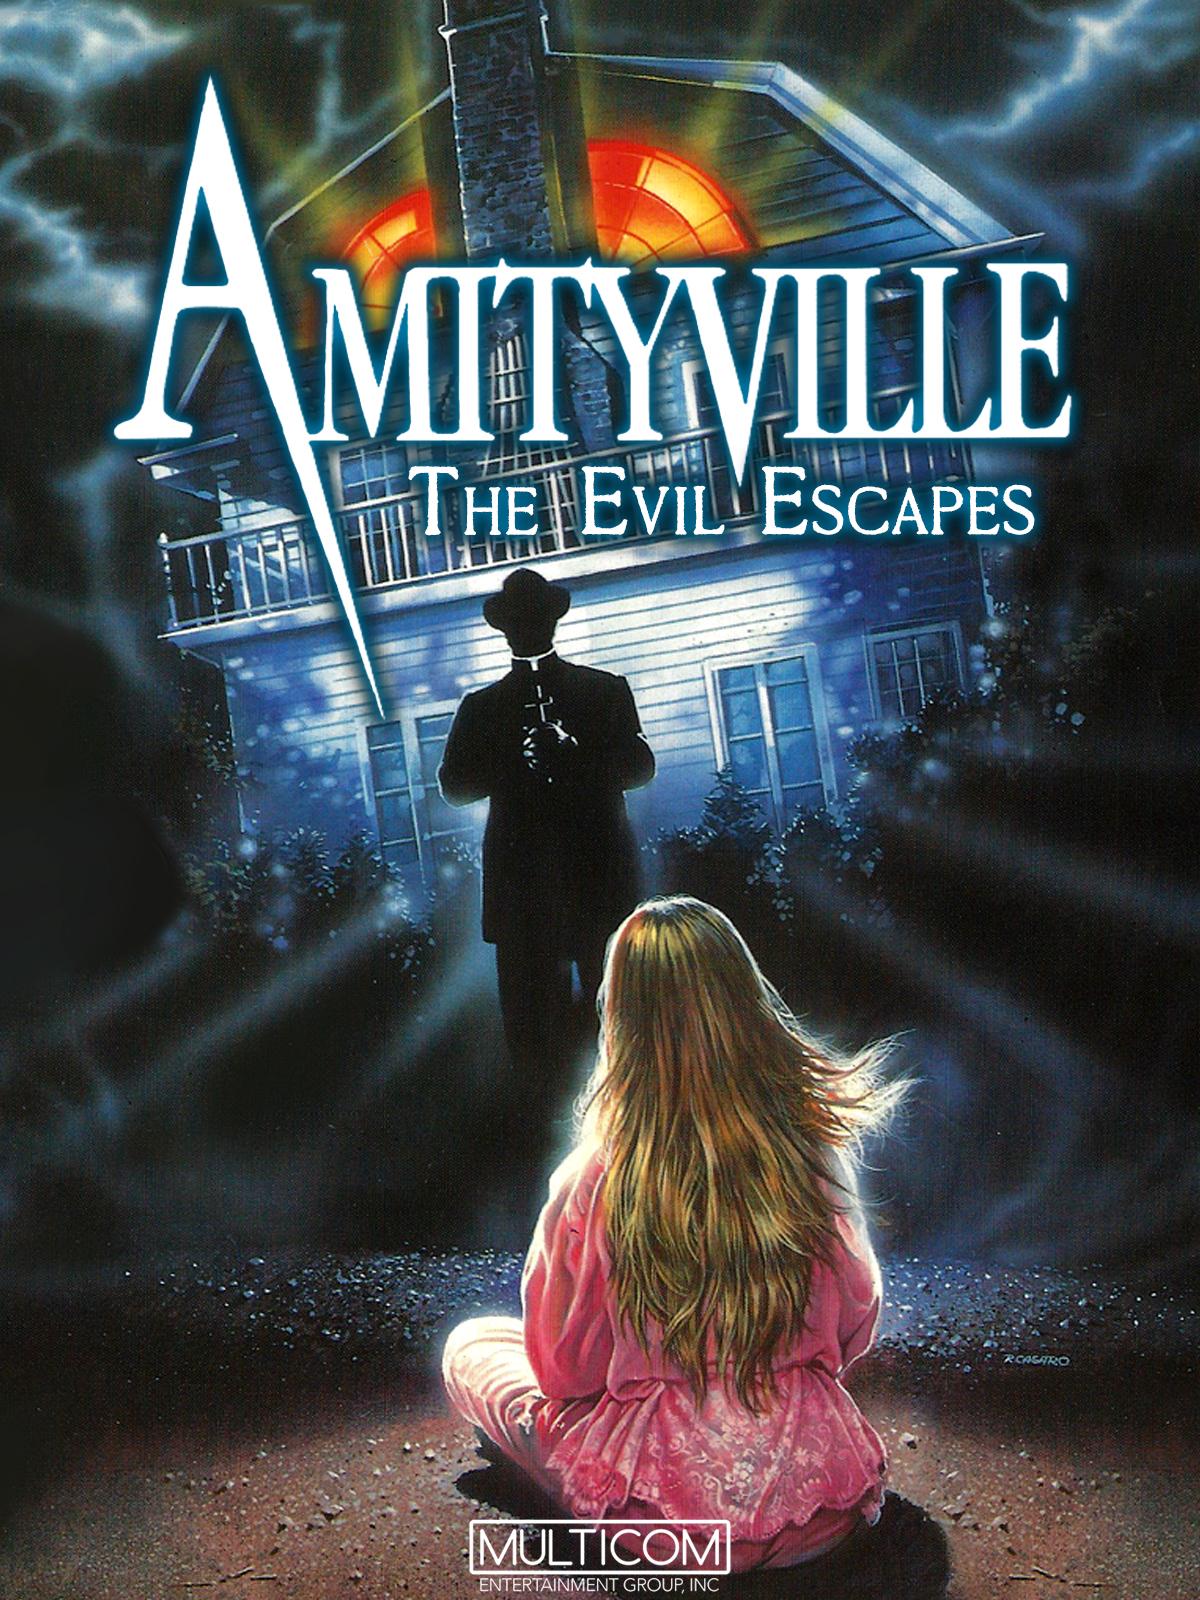 Amityville 4 poster